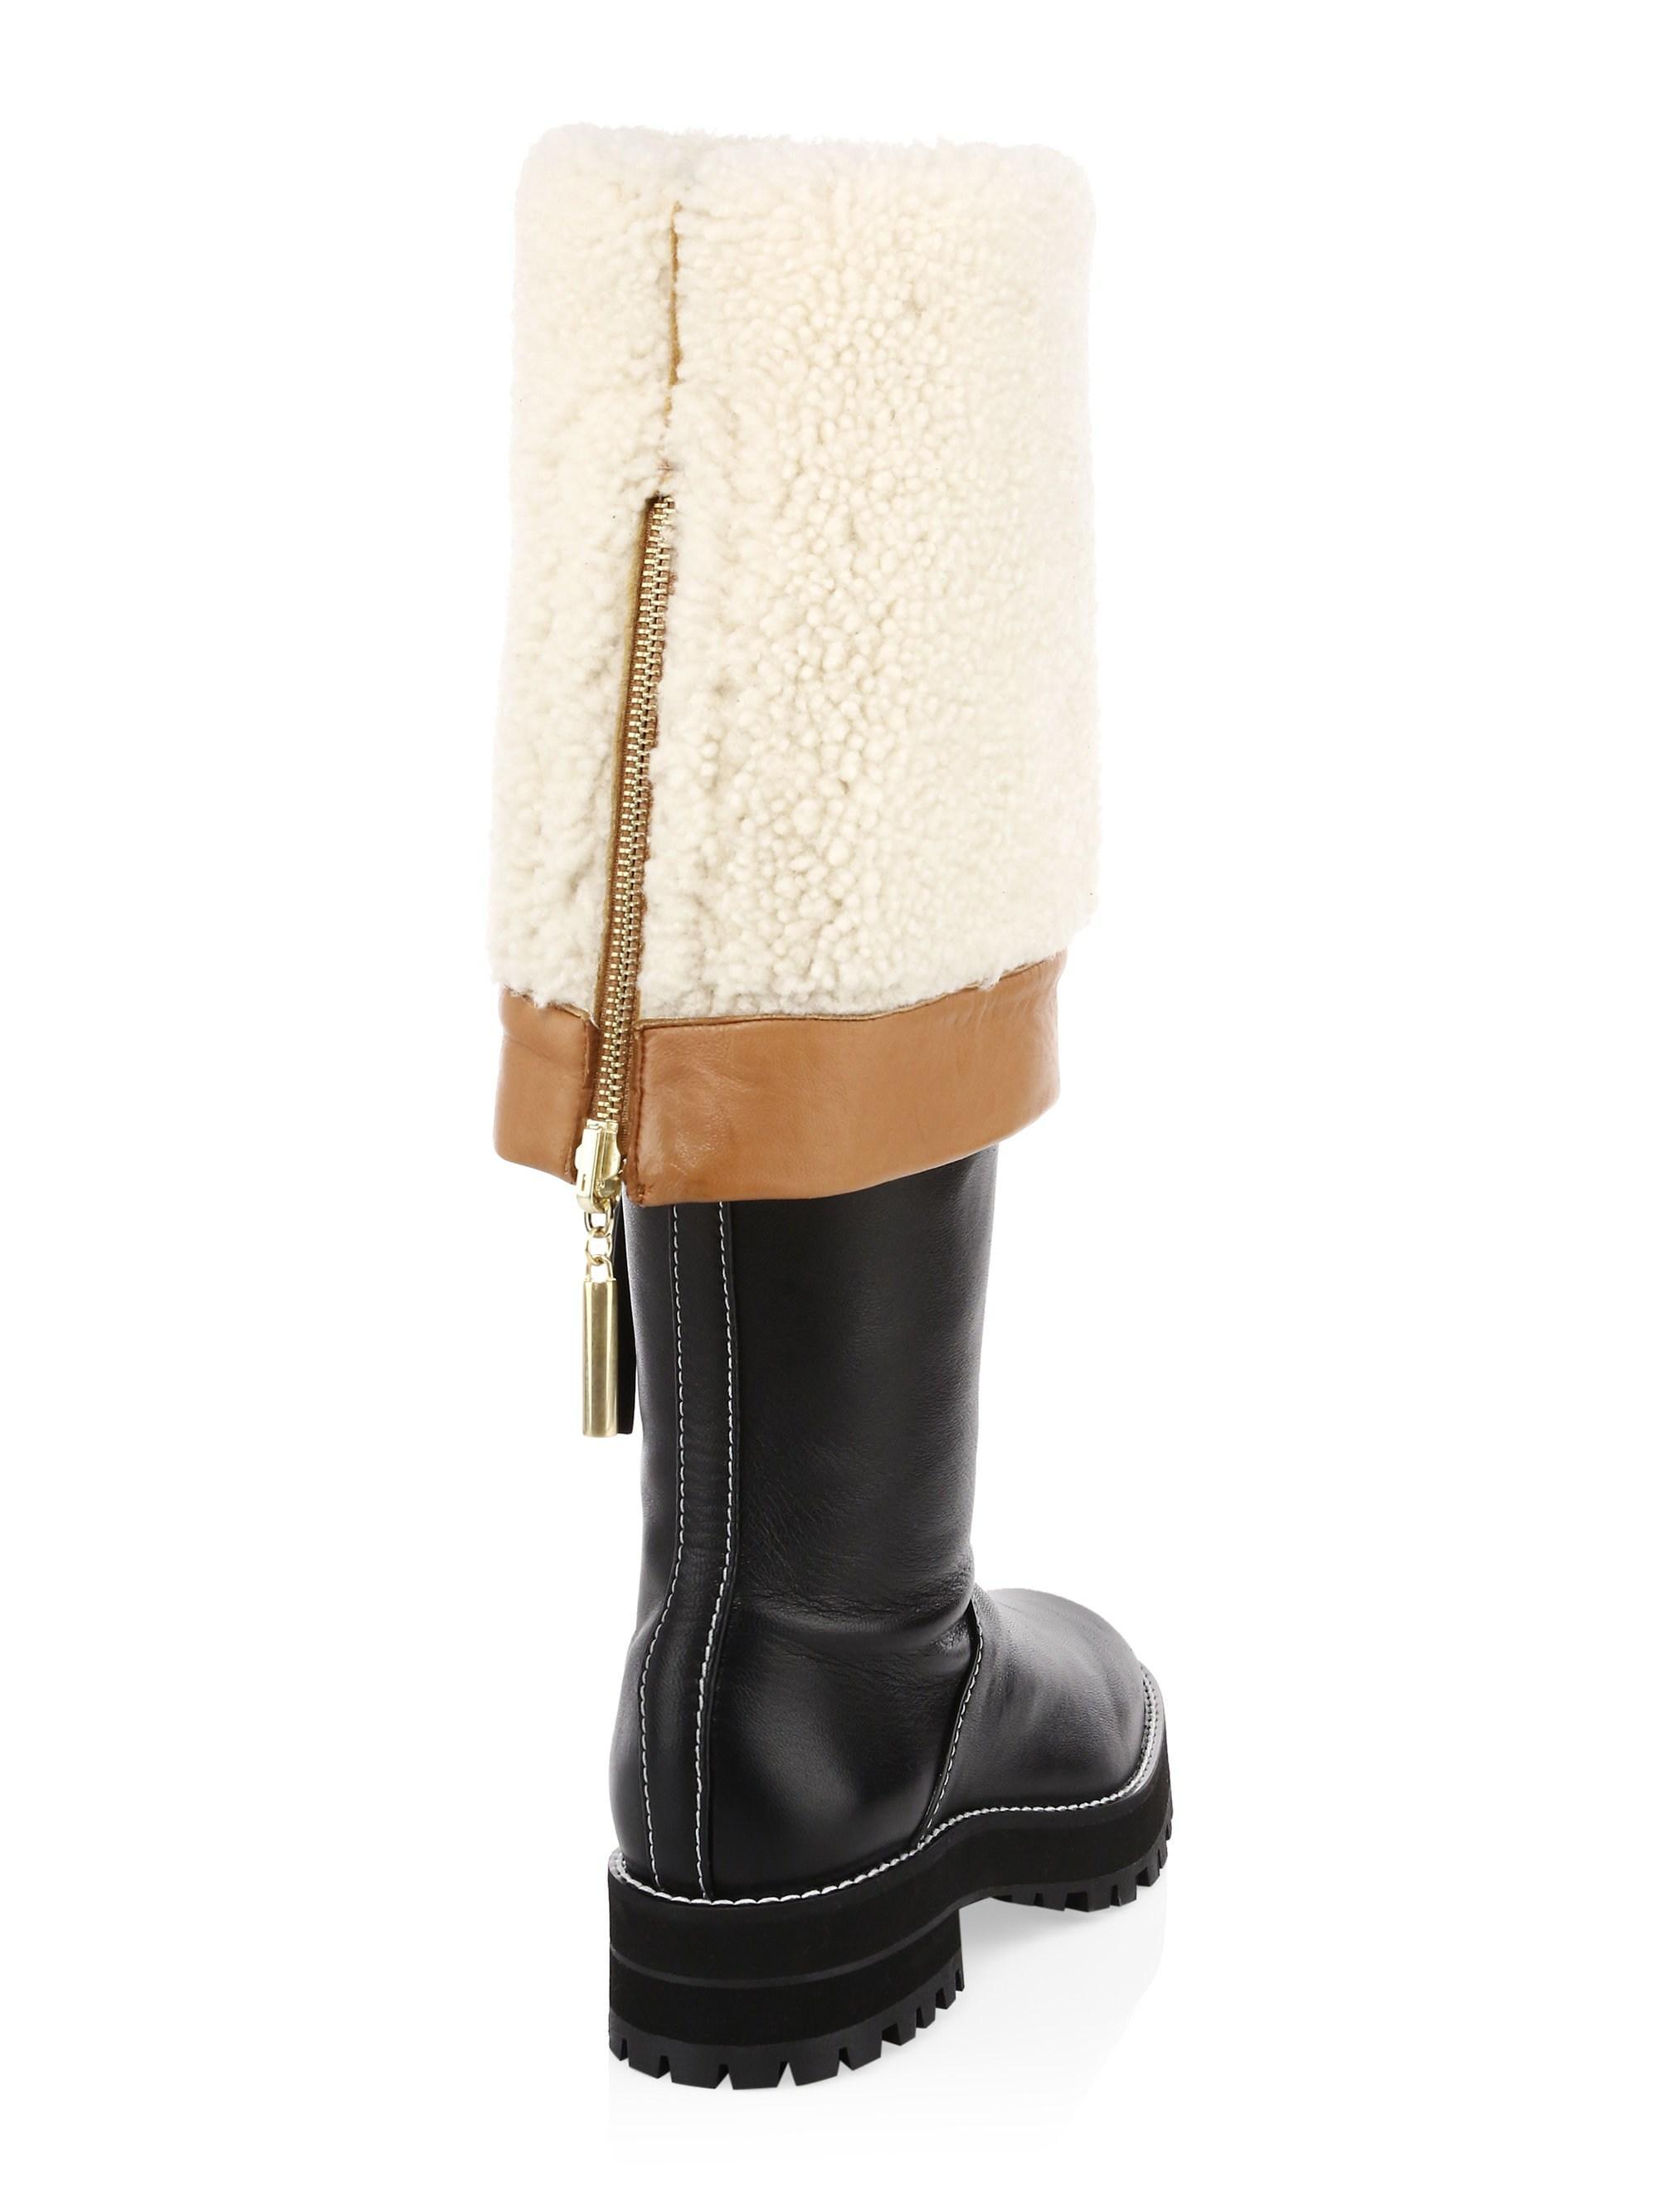 8c5aaa41ea2 Lyst - Stuart Weitzman Women s Renata Shearling-lined Leather Knee ...